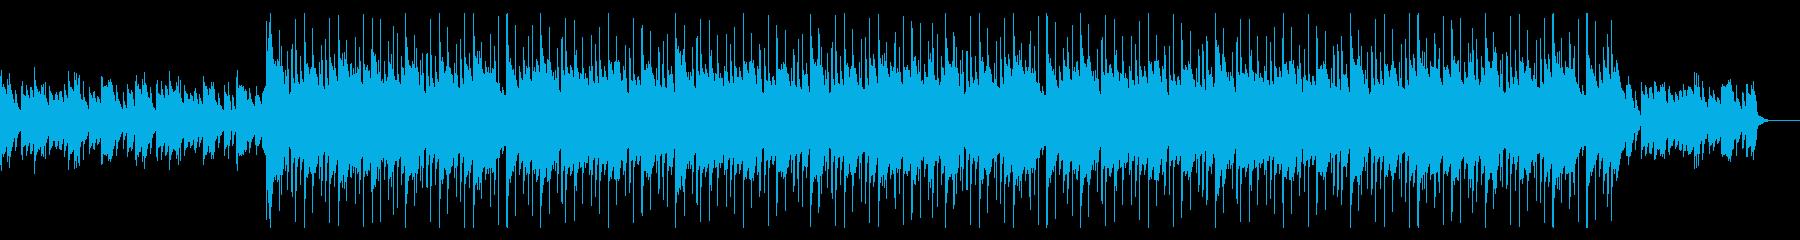 悲しいシーンで流れるピアノ曲の再生済みの波形